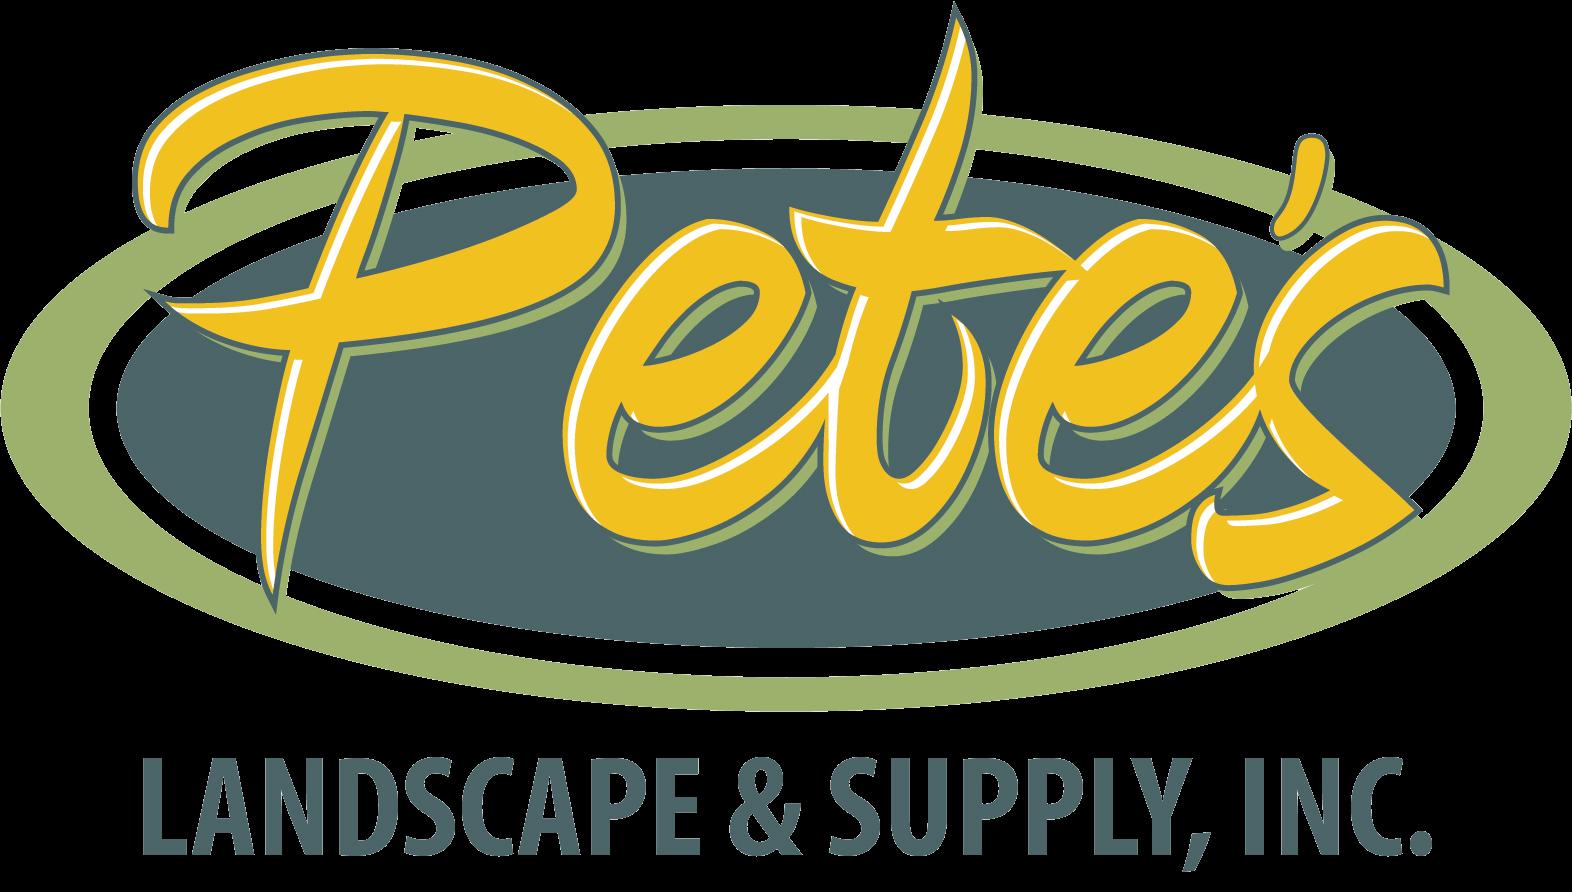 Pete S Landscape